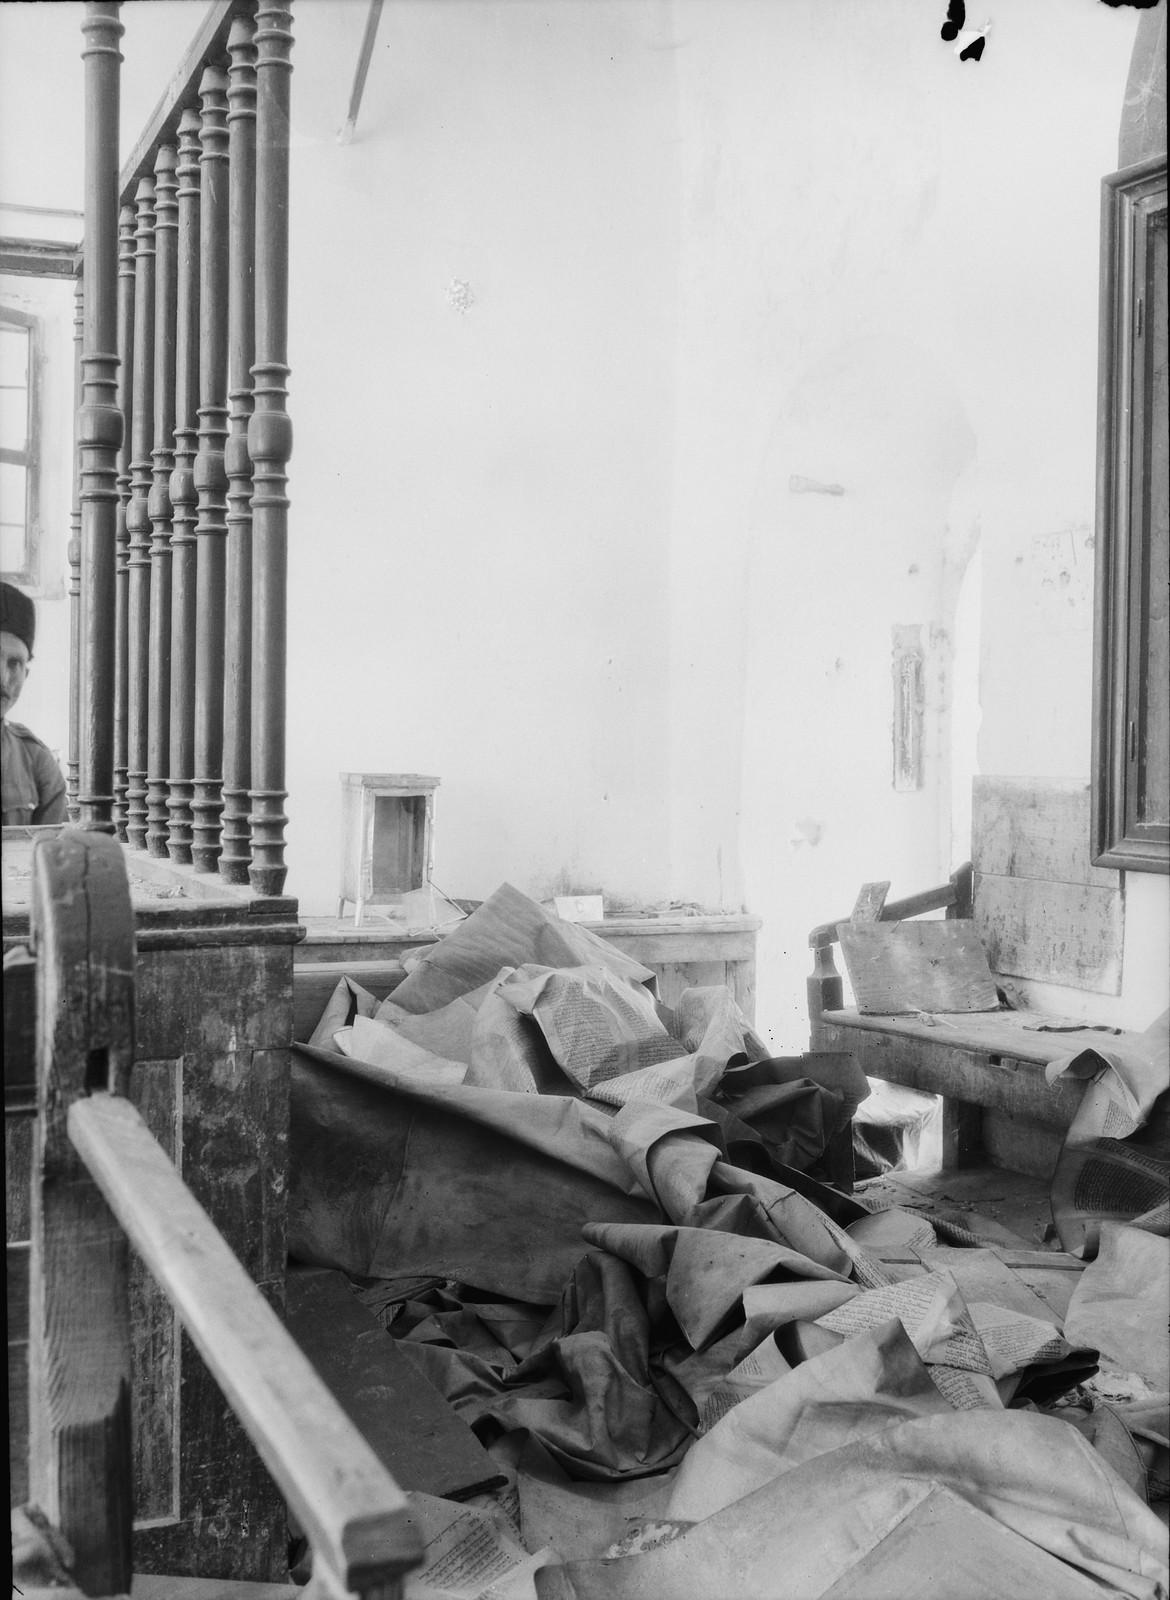 02. 23–31 августа. Хеврон. Синагога, оскверненная арабскими погромщиками.  Большой свиток Торы в беспорядочной куче на полу